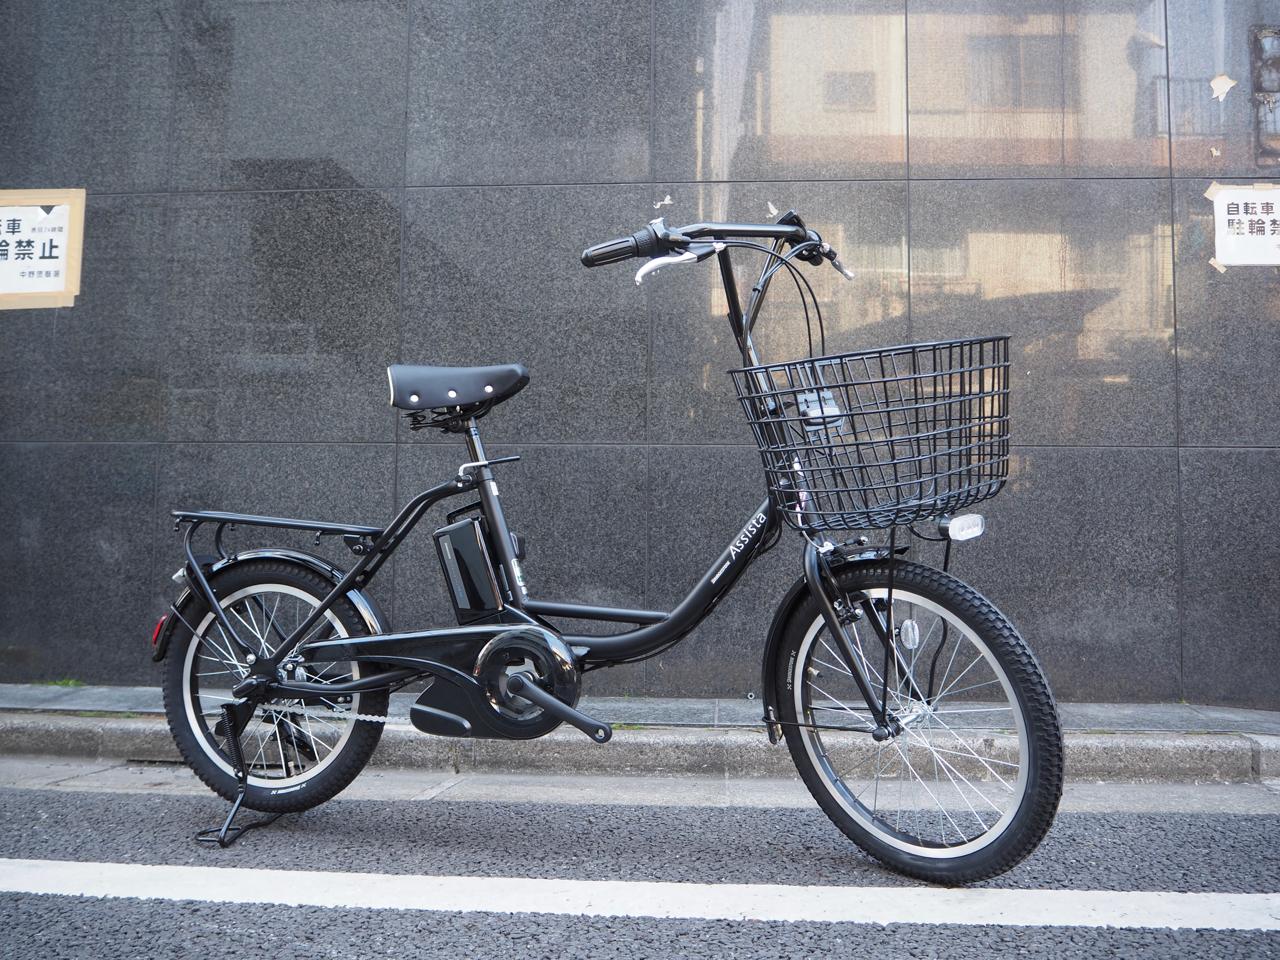 アシスタベーシックミニ,ブリヂストン,電動自転車,チャイルドシート